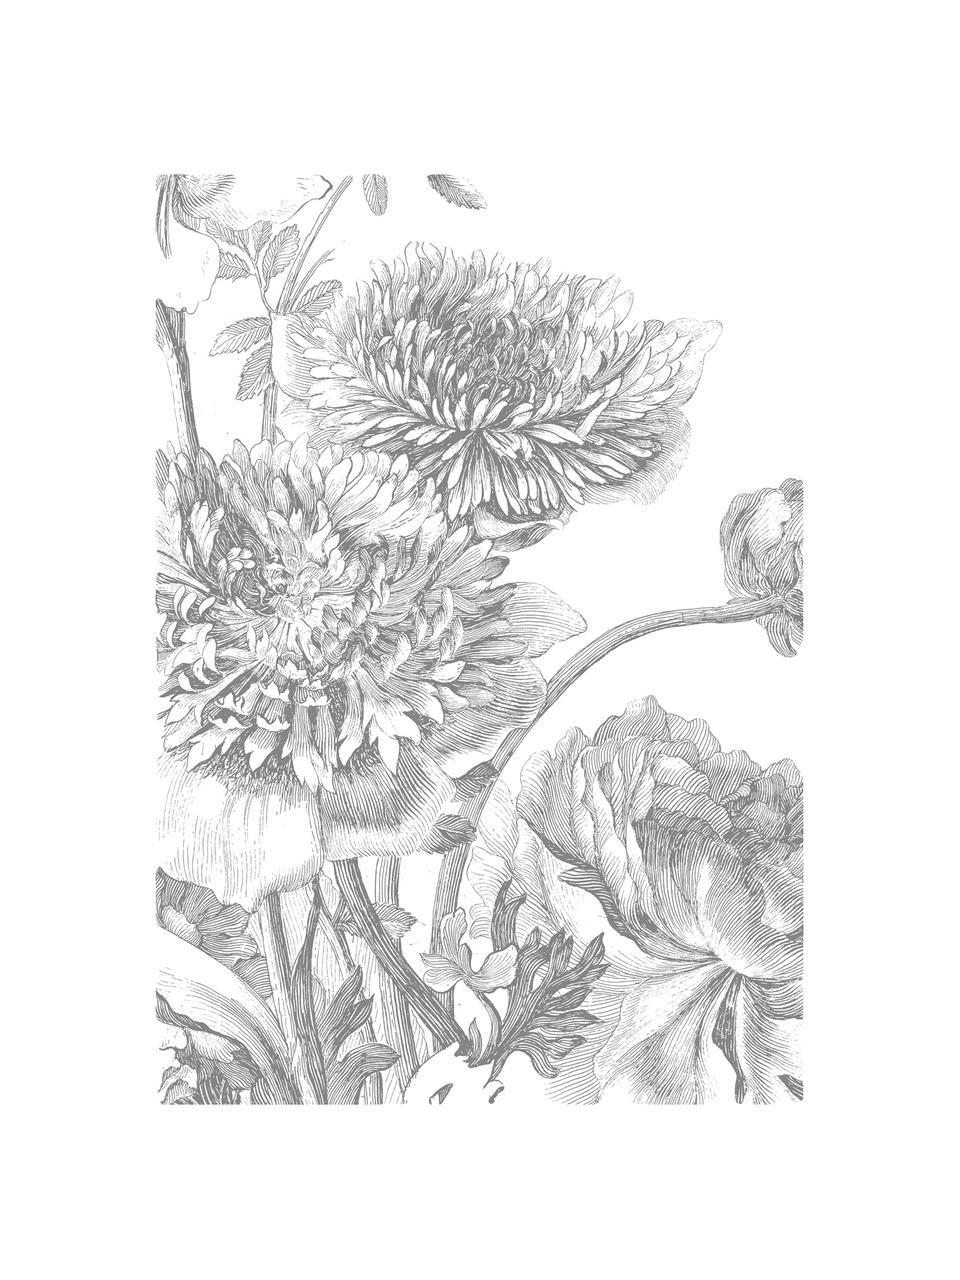 Fotobehang Engraved Flowers, Vlies, milieuvriendelijk en biologisch afbreekbaar, Grijs, wit, 389 x 280 cm